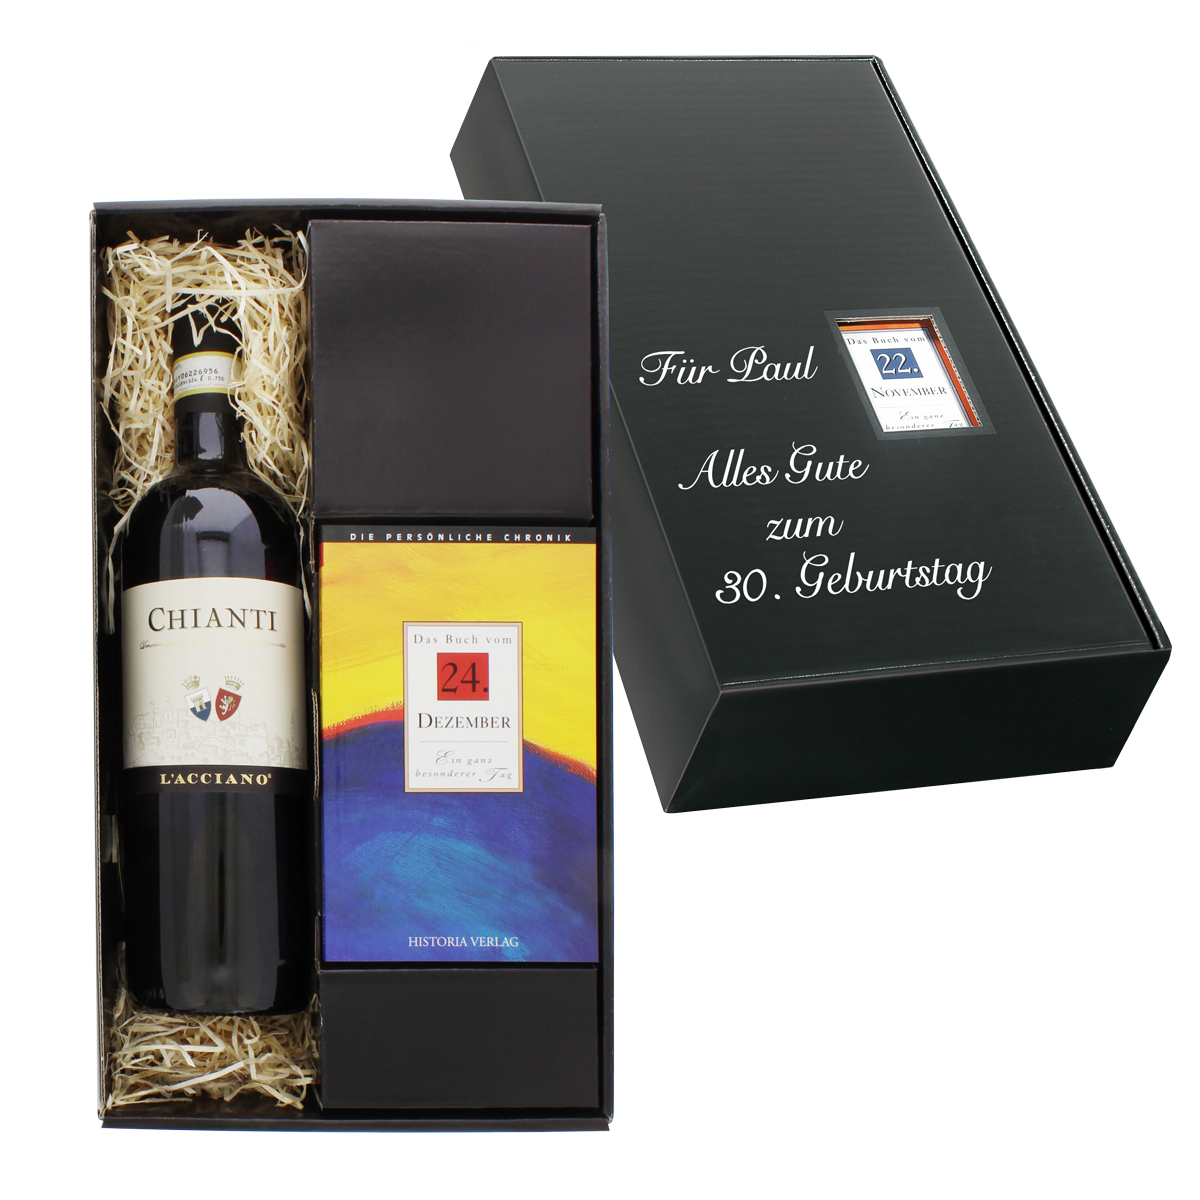 Italien-Set: Tageschronik vom 14. April & Chianti-Wein